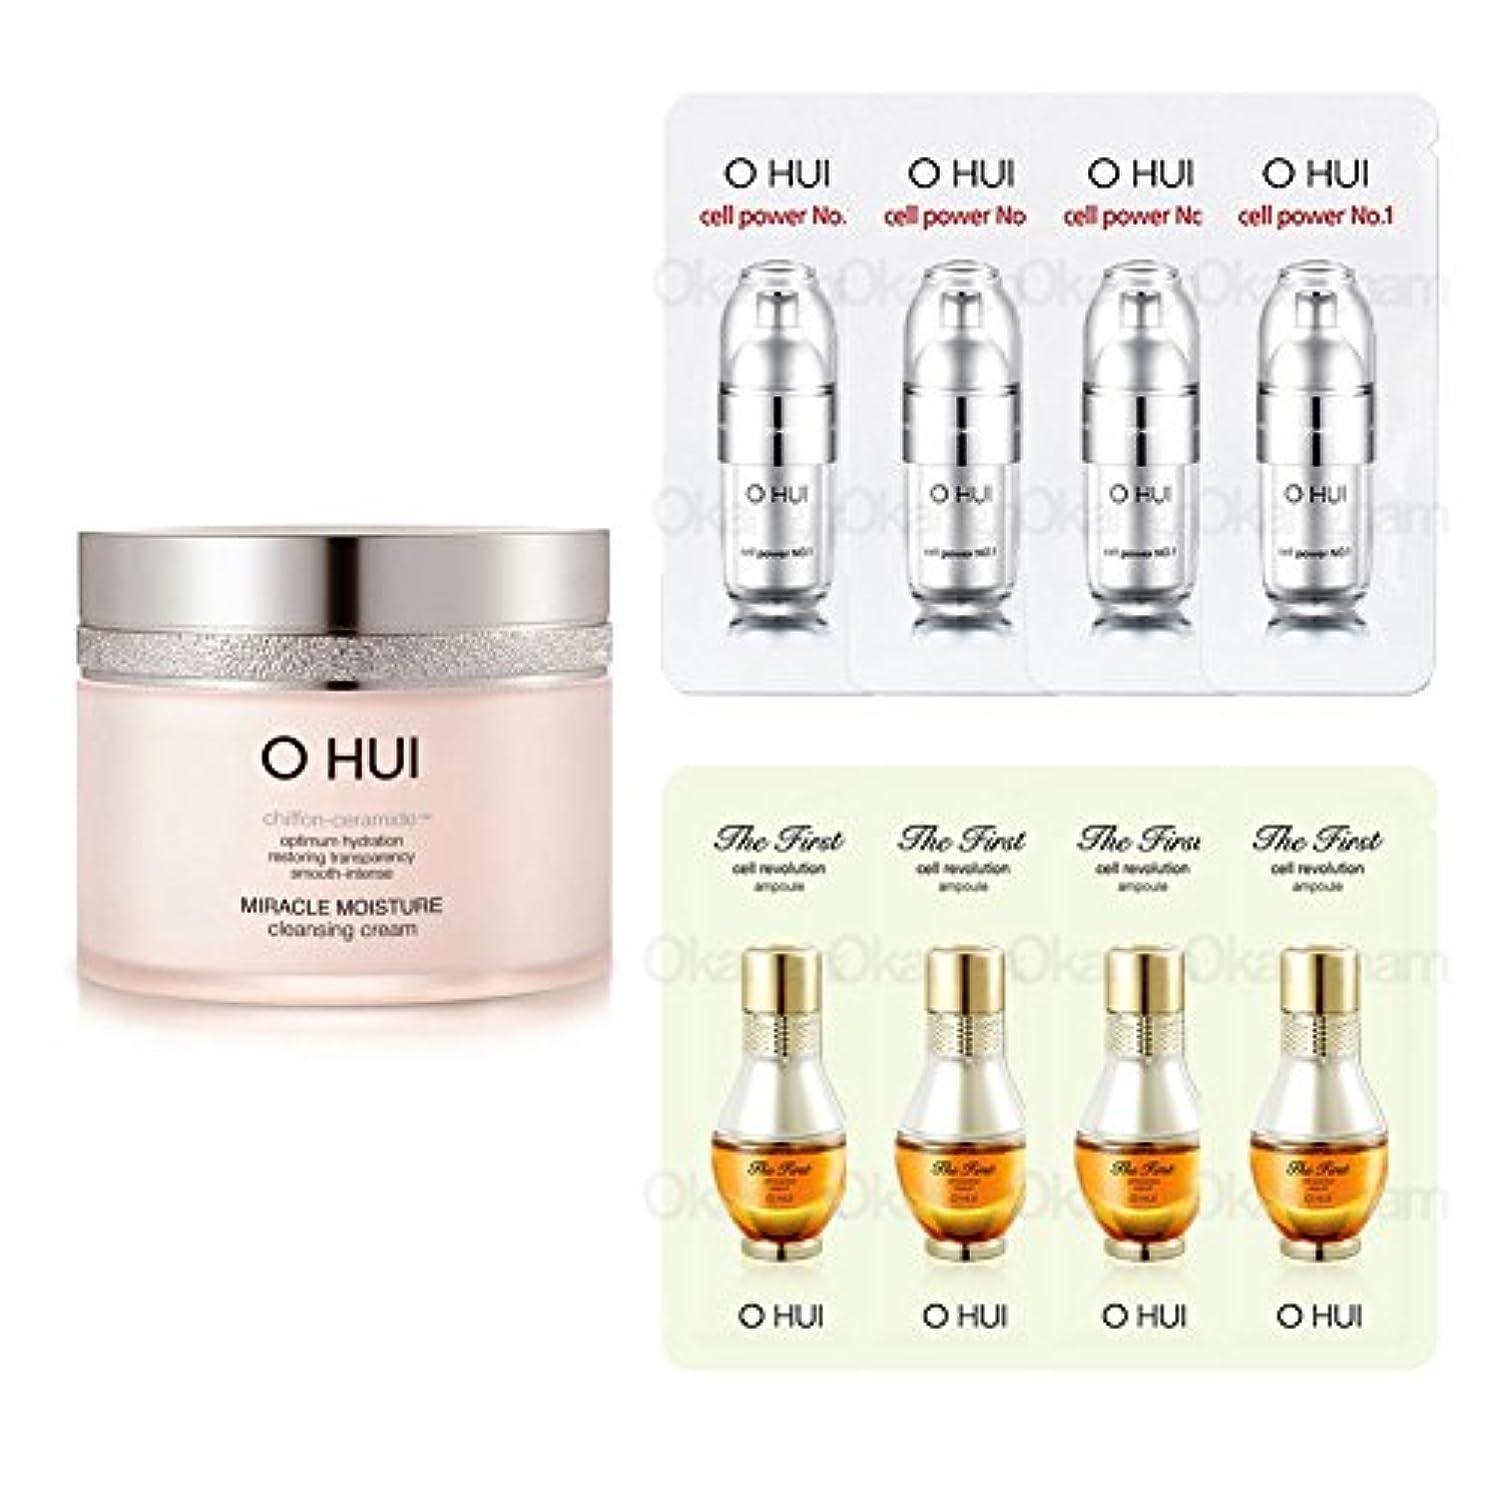 教育状出身地[オフィ/ O HUI]韓国化粧品 LG生活健康/OHUI Miracle Moisture Cleansing Cream/ミラクル モイスチャー クレンジング クリーム200ml +[Sample Gift](海外直送品)